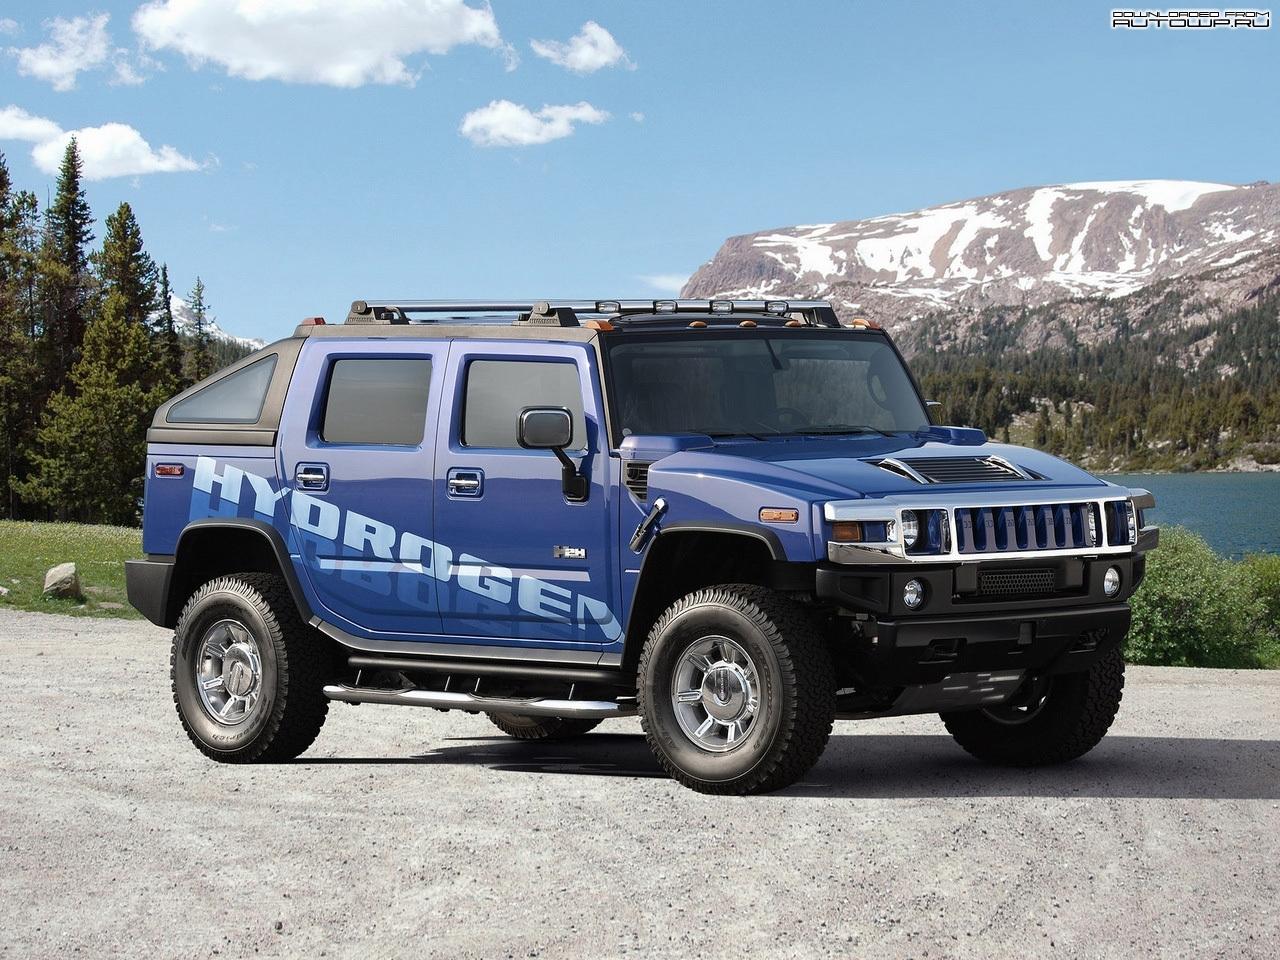 11064 скачать обои Транспорт, Машины, Хаммер (Hummer) - заставки и картинки бесплатно